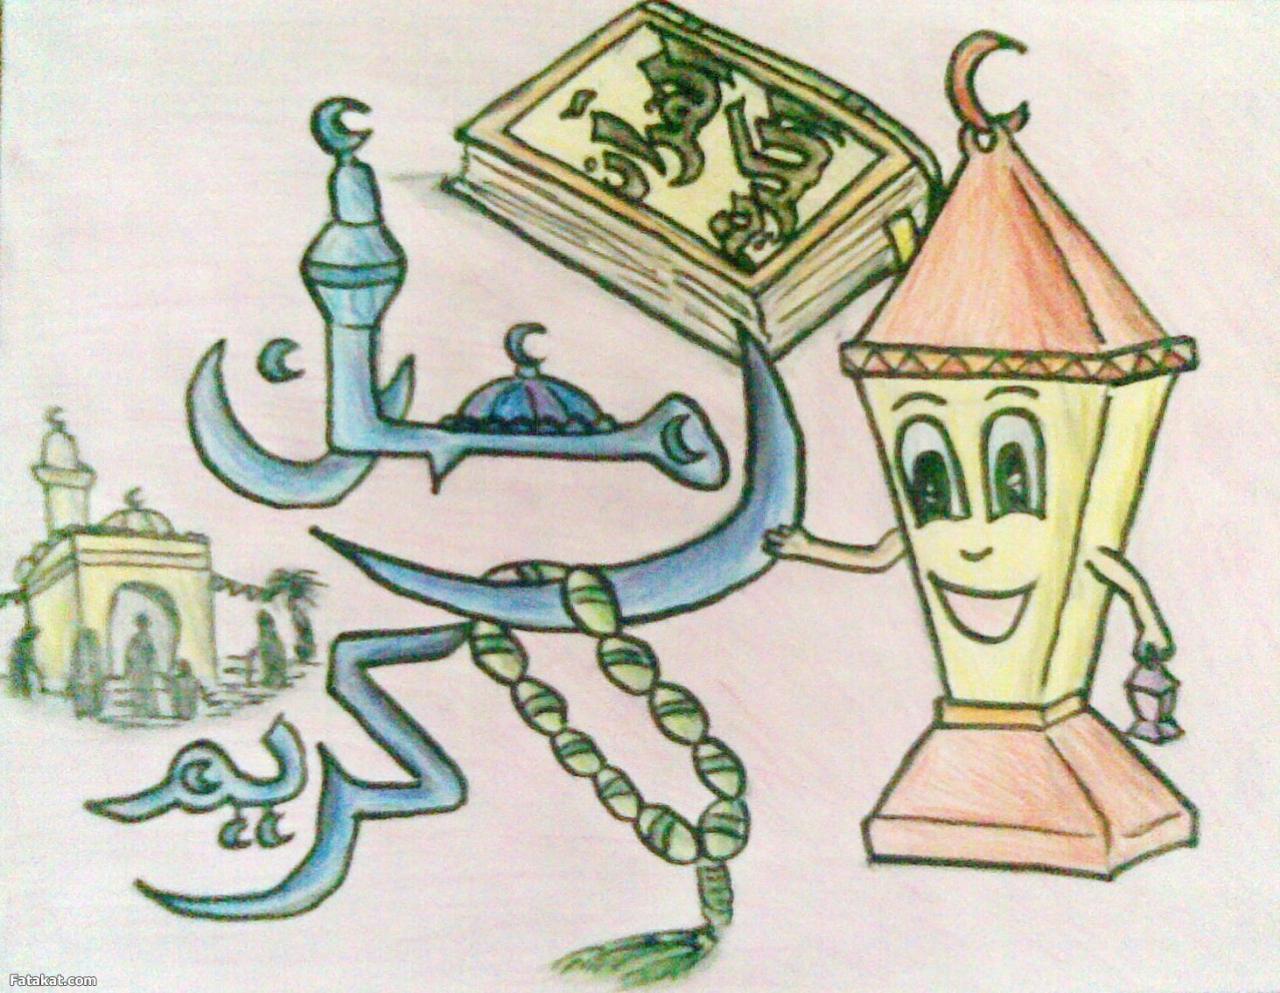 بالصور رسومات عن رمضان , روعة الرسومات الرمضانية 10956 2